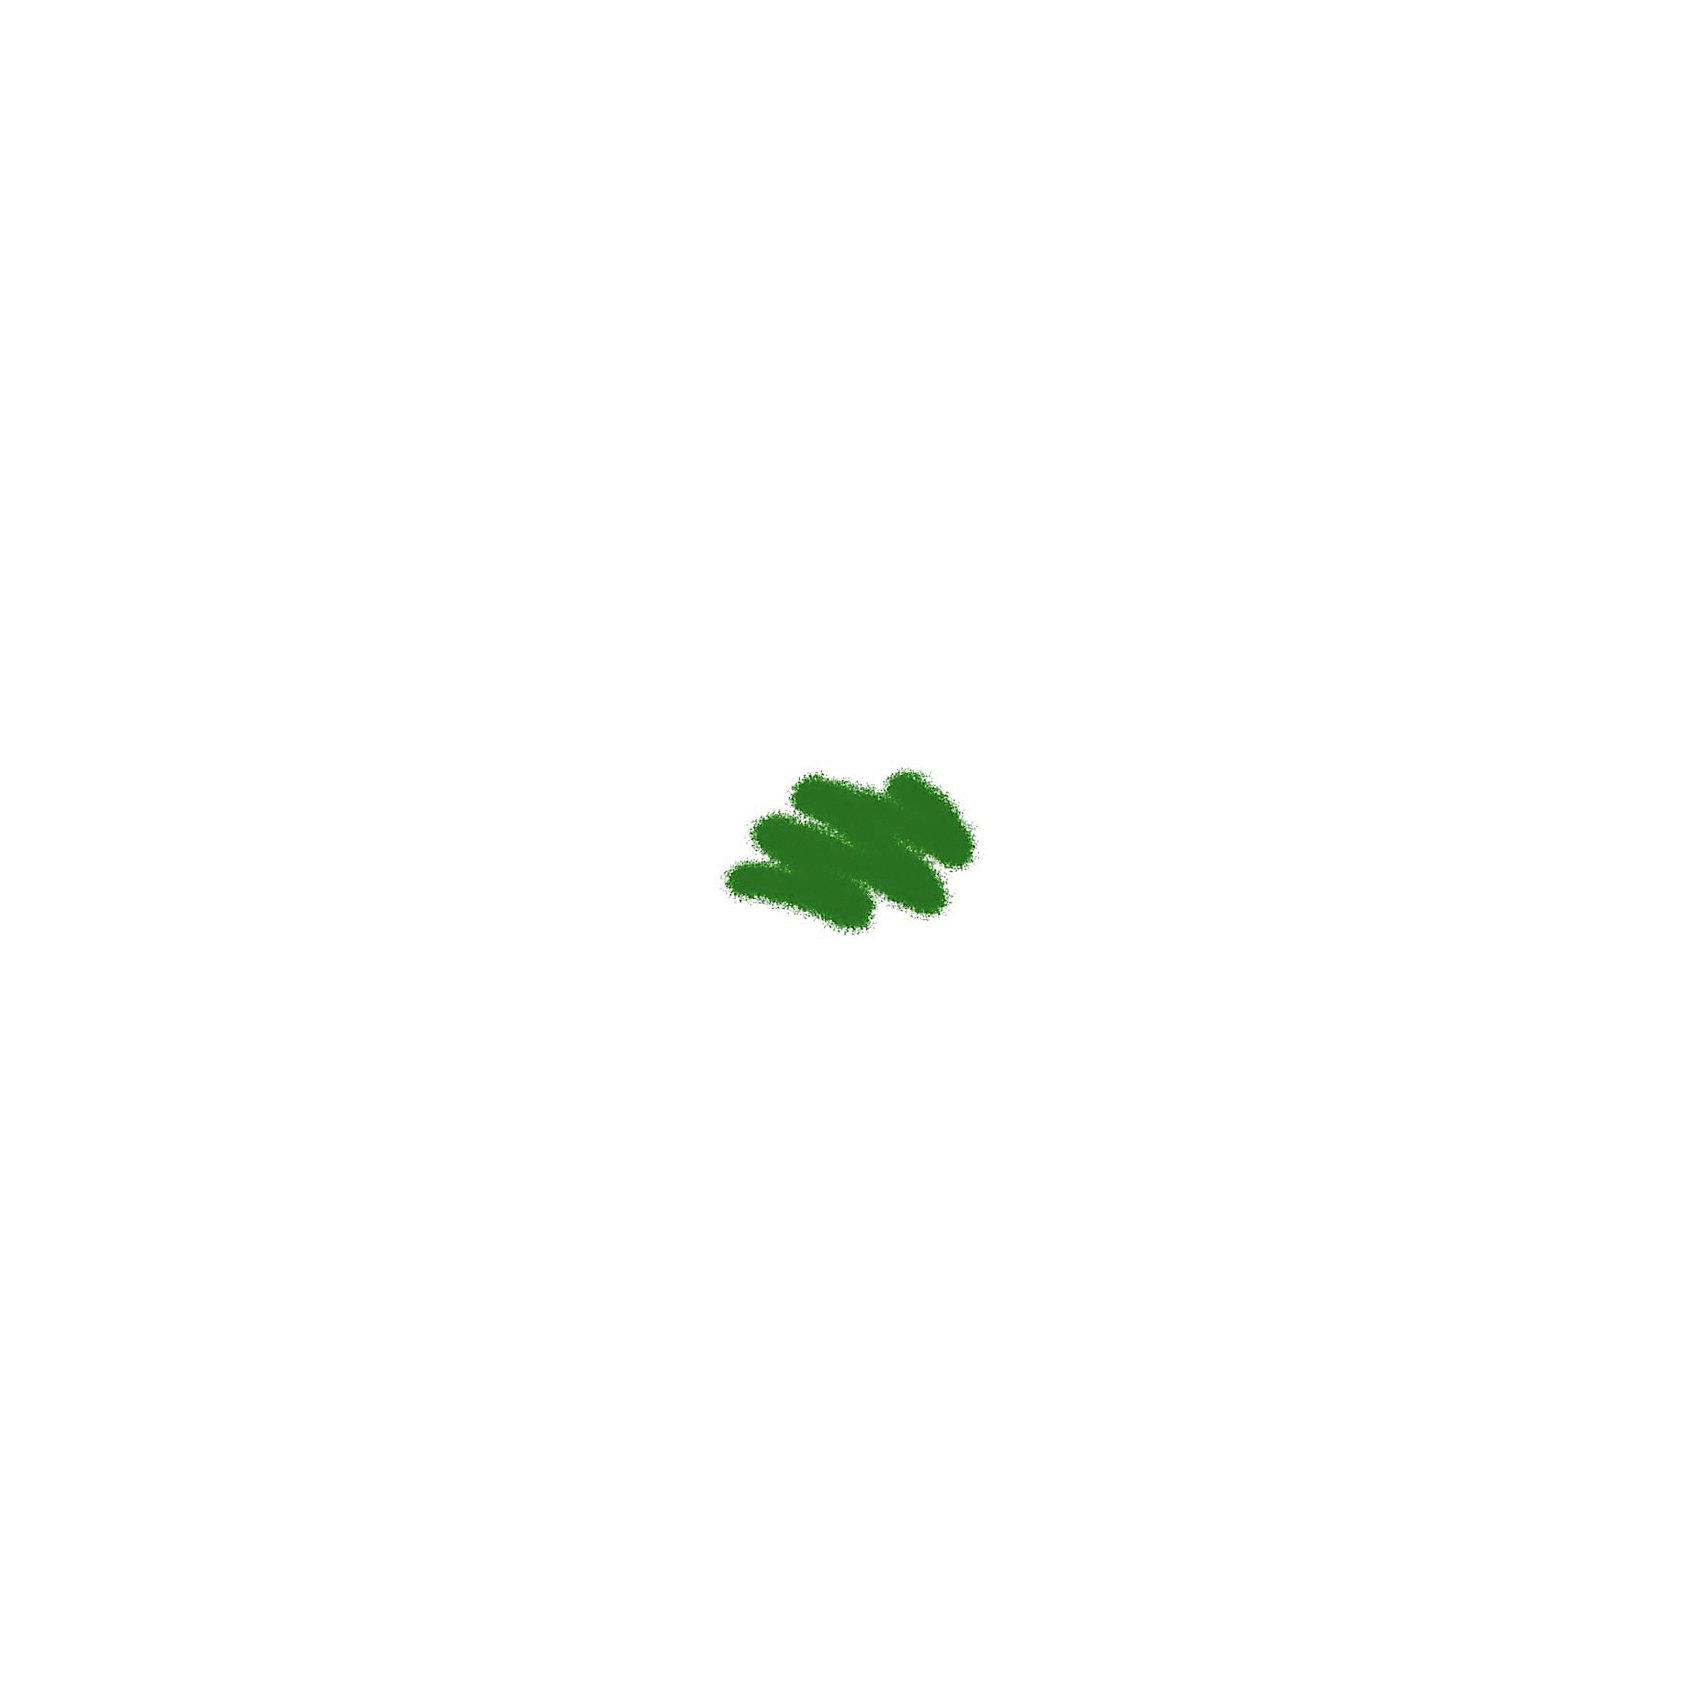 Акриловая краска для моделей Звезда, зеленая авиа-интерьер 12 млМодели для склеивания<br>Краска зеленая авиа-интерьер (шт)<br><br>Ширина мм: 18<br>Глубина мм: 18<br>Высота мм: 58<br>Вес г: 19<br>Возраст от месяцев: 72<br>Возраст до месяцев: 180<br>Пол: Мужской<br>Возраст: Детский<br>SKU: 7086624